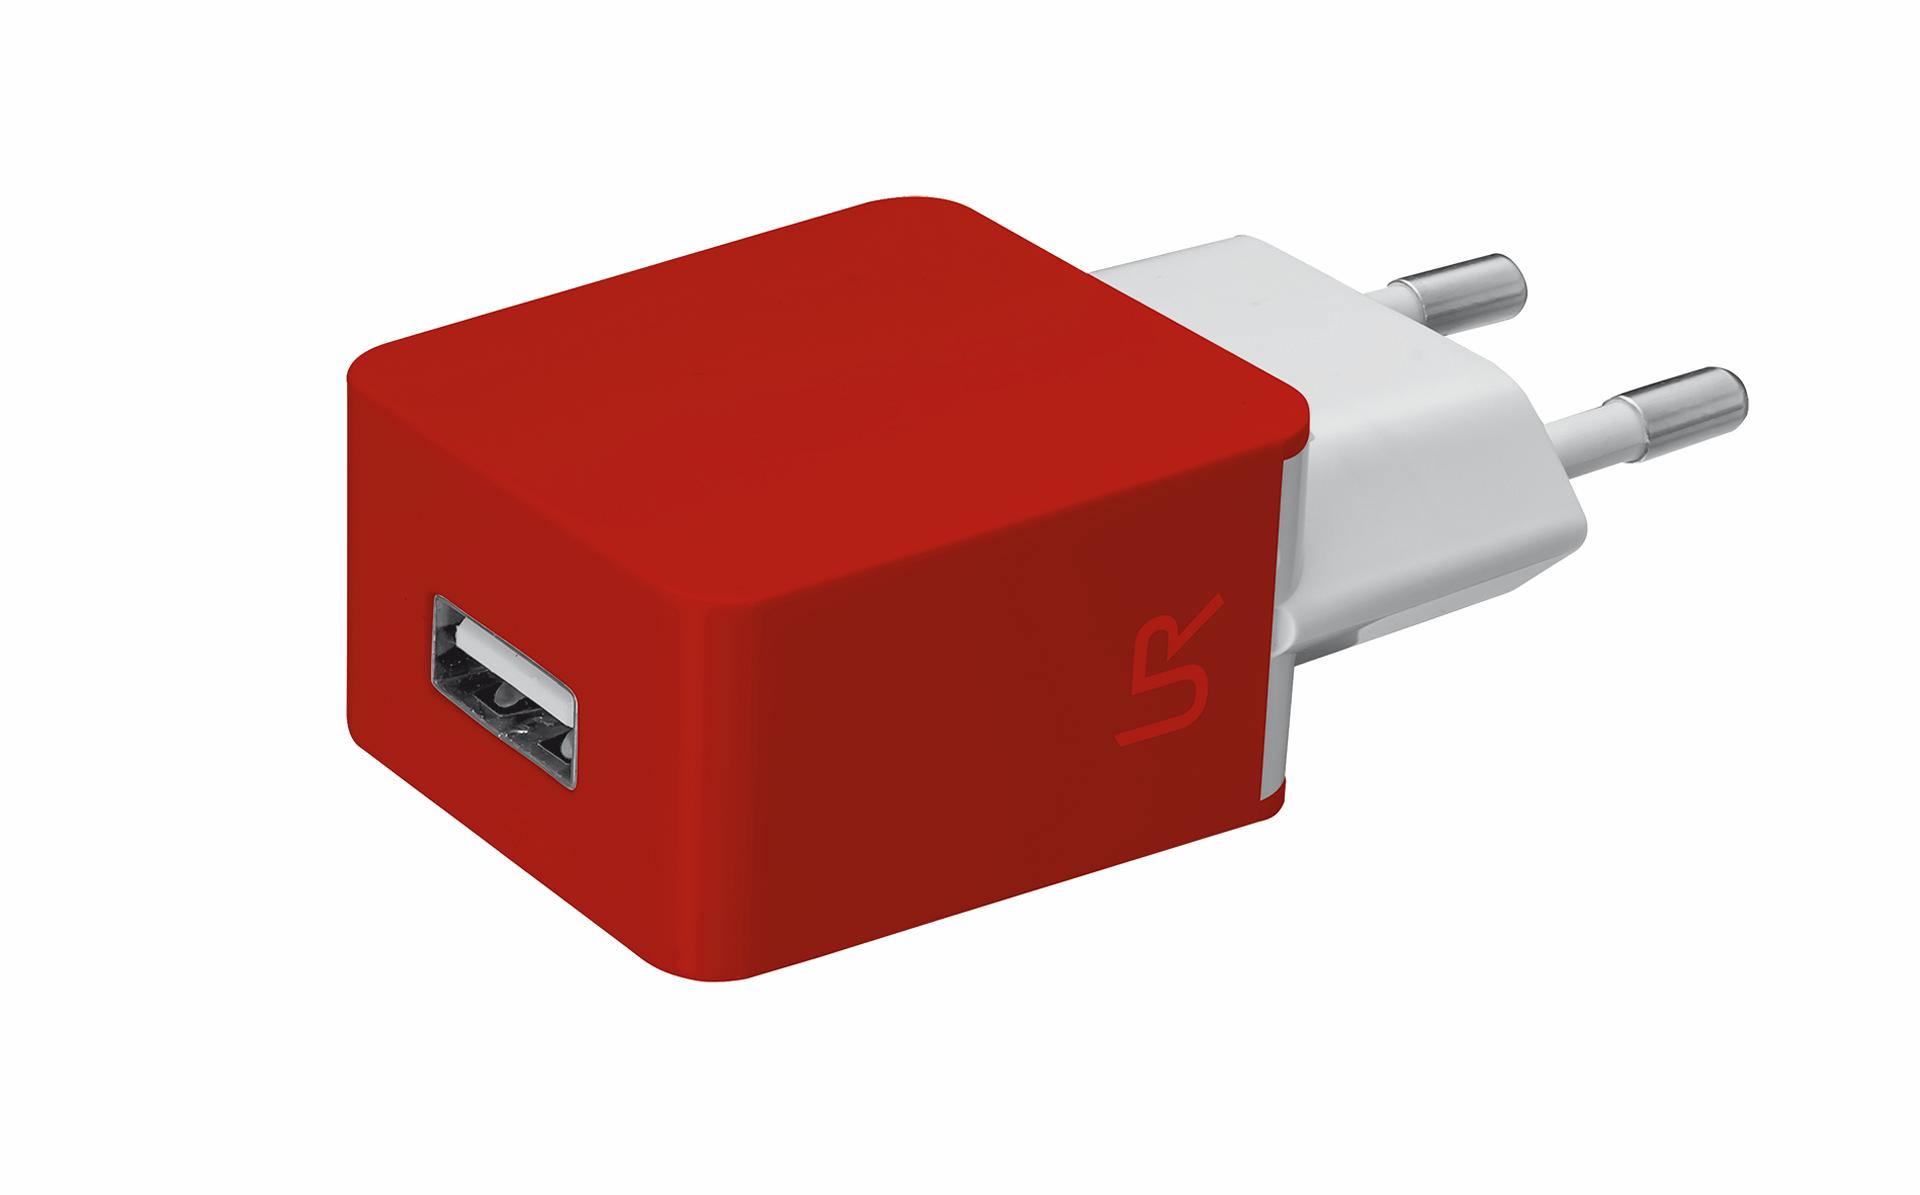 univerzální nabíječka TRUST s USB port, red